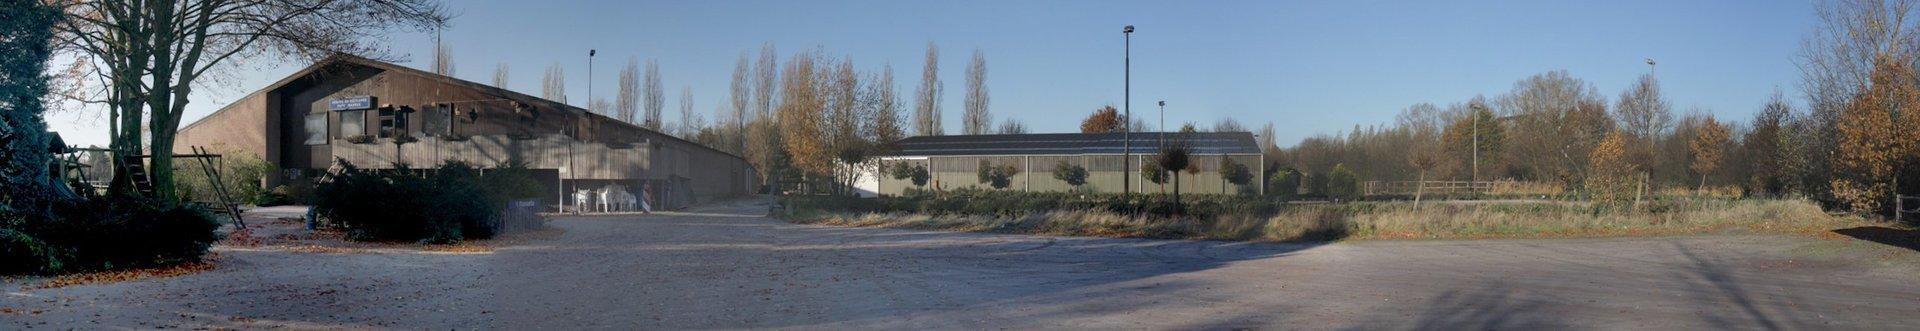 parkeren ruitersportcentrum eepm eindhoven